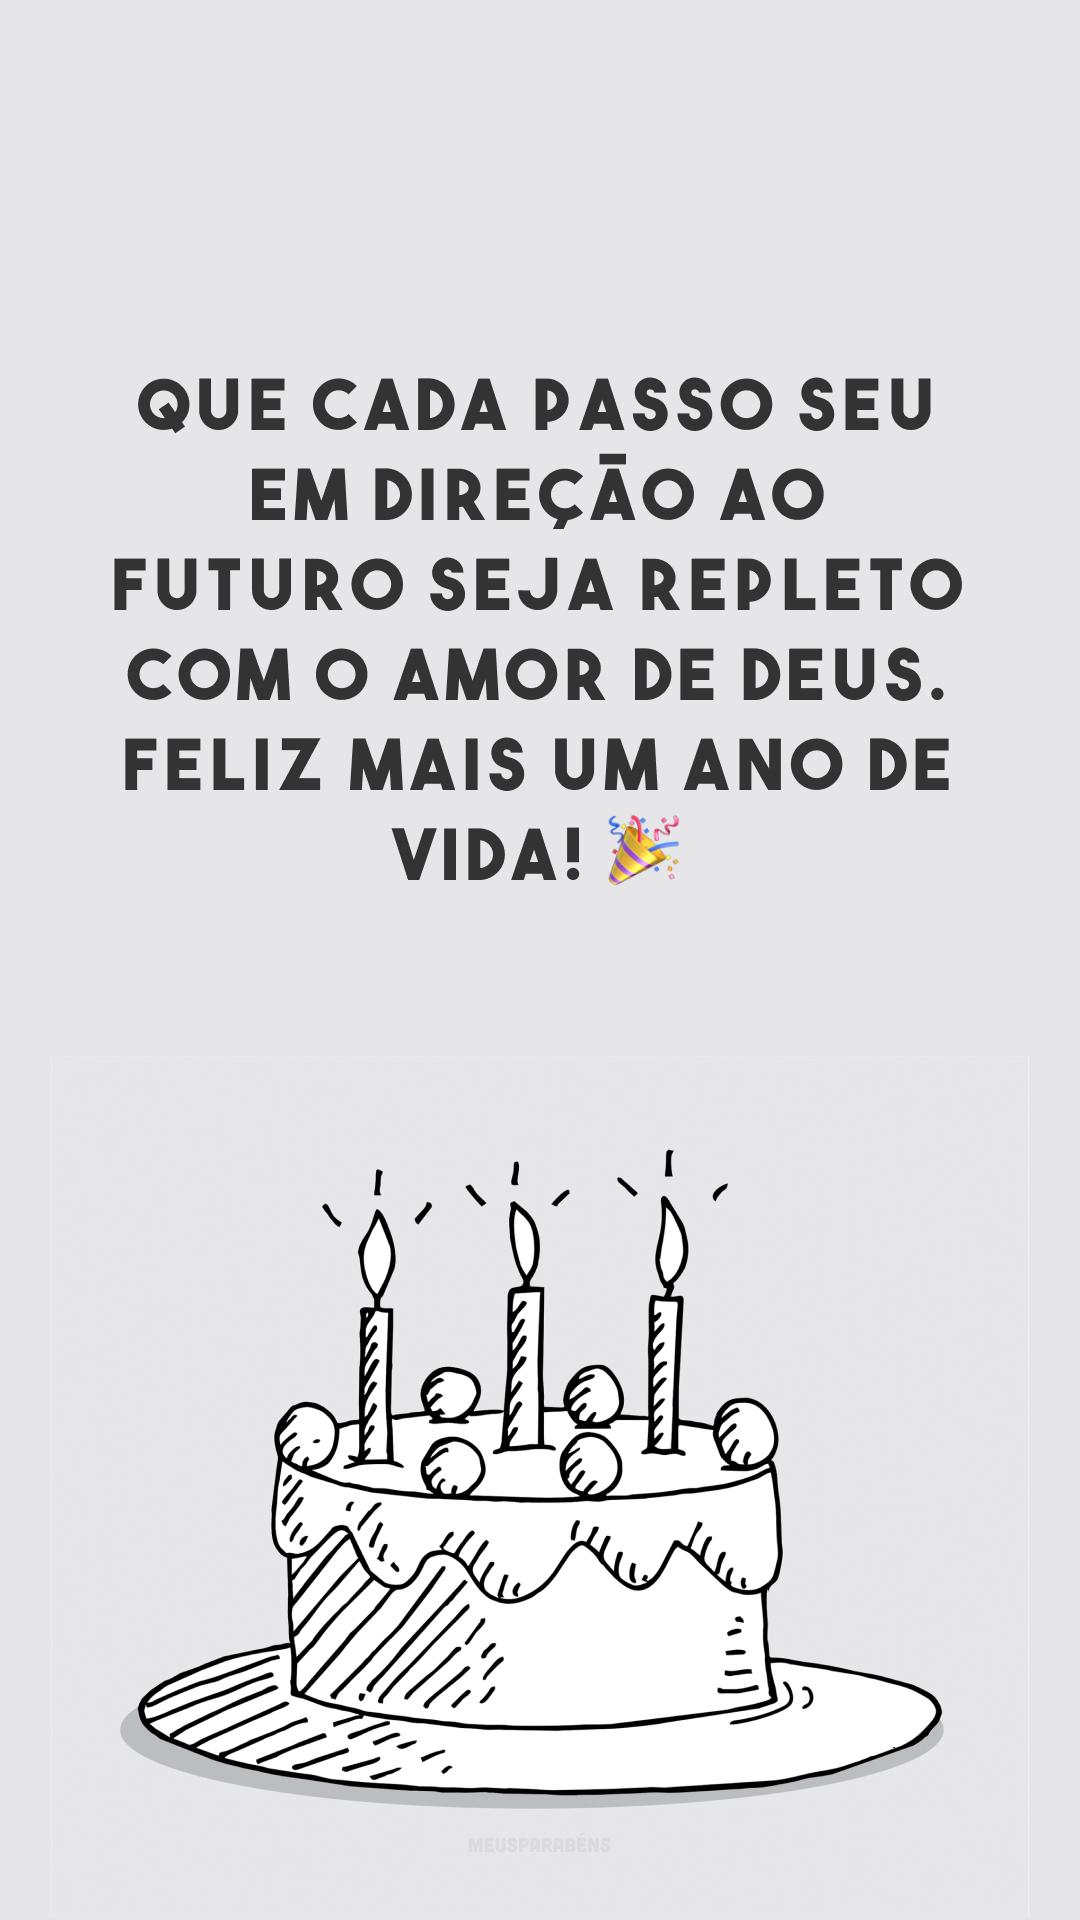 Que cada passo seu em direção ao futuro seja repleto com o amor de Deus. Feliz mais um ano de vida! 🎉